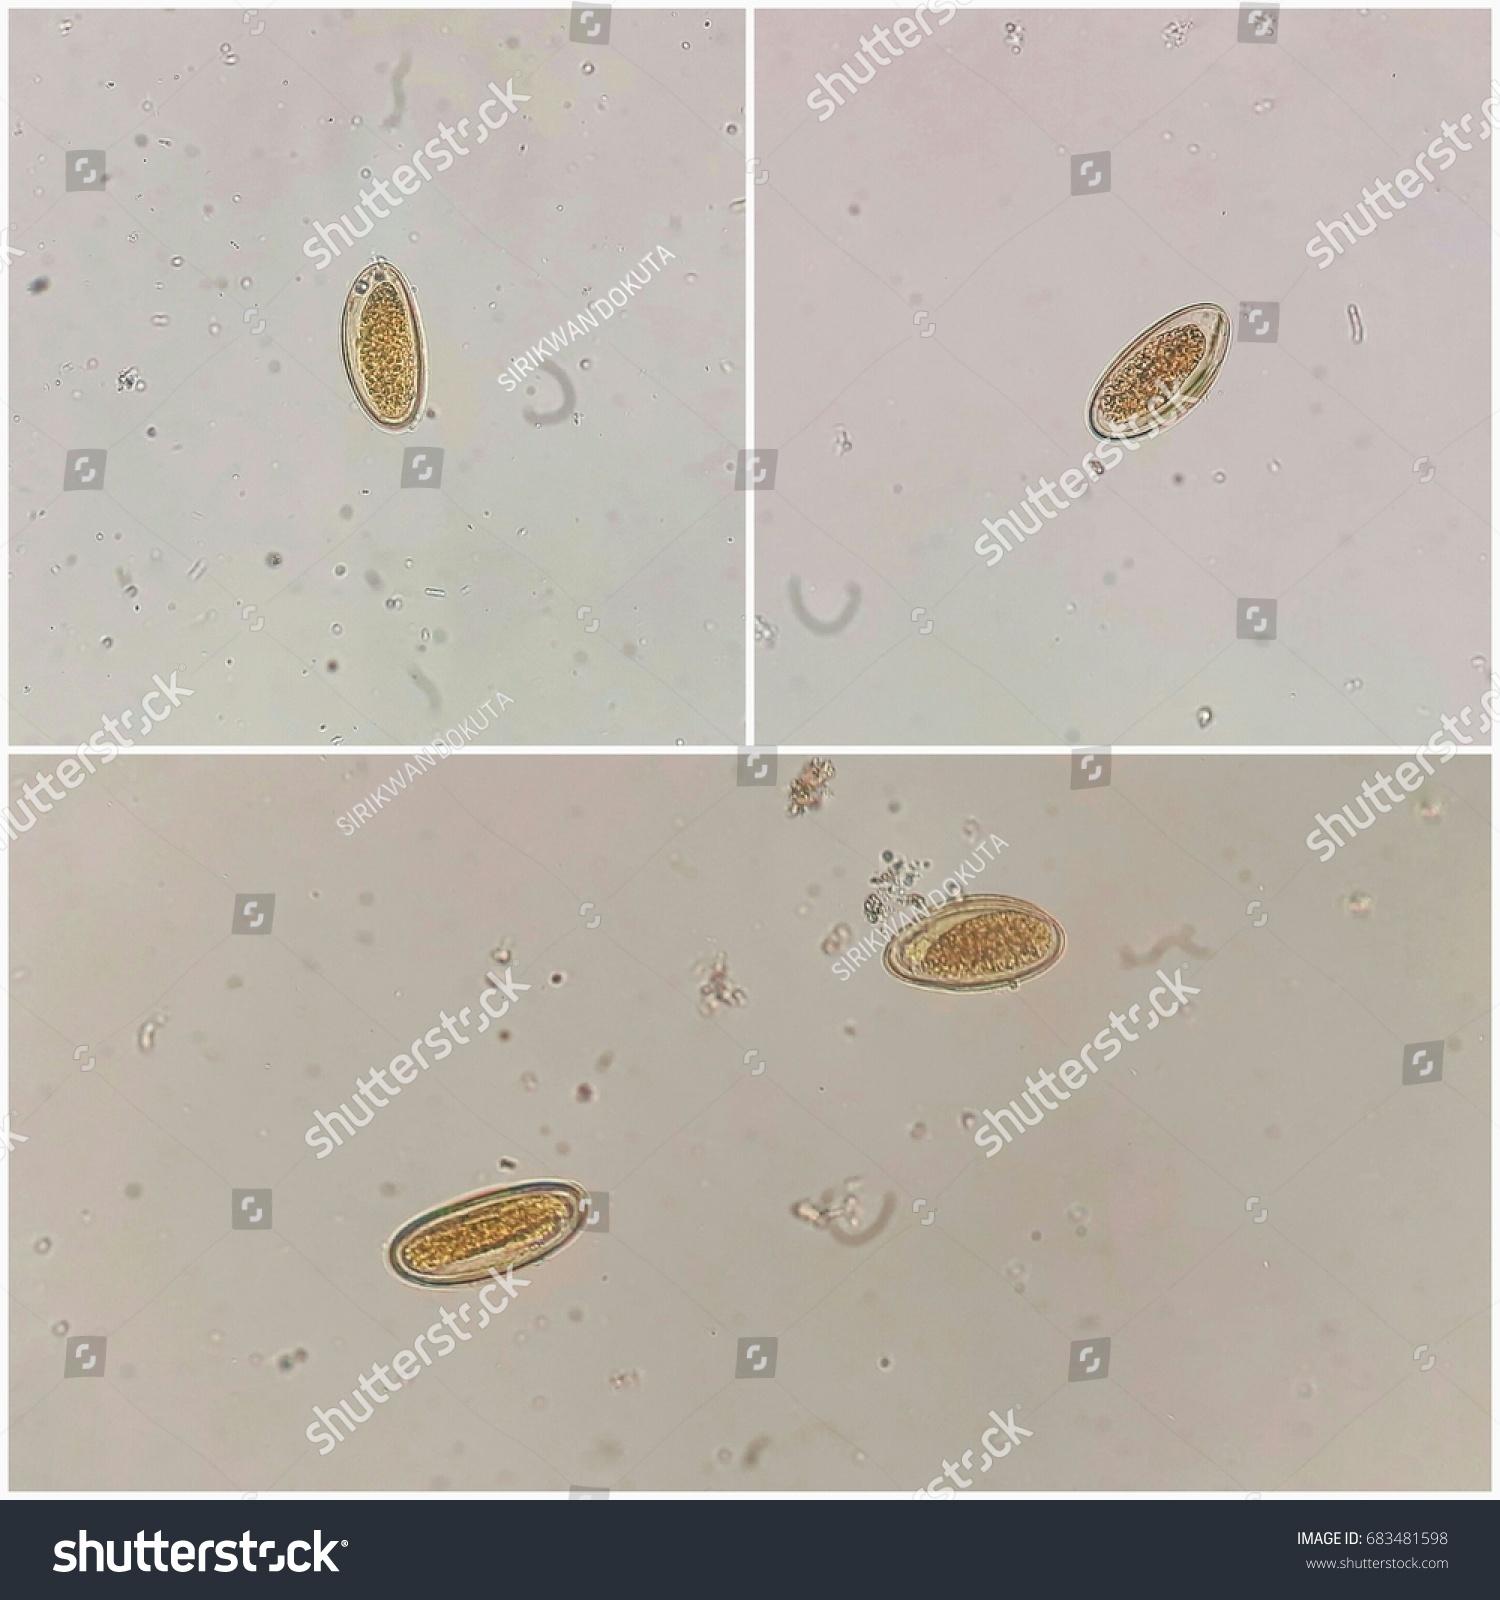 enterobius vermicularis ova in stool)